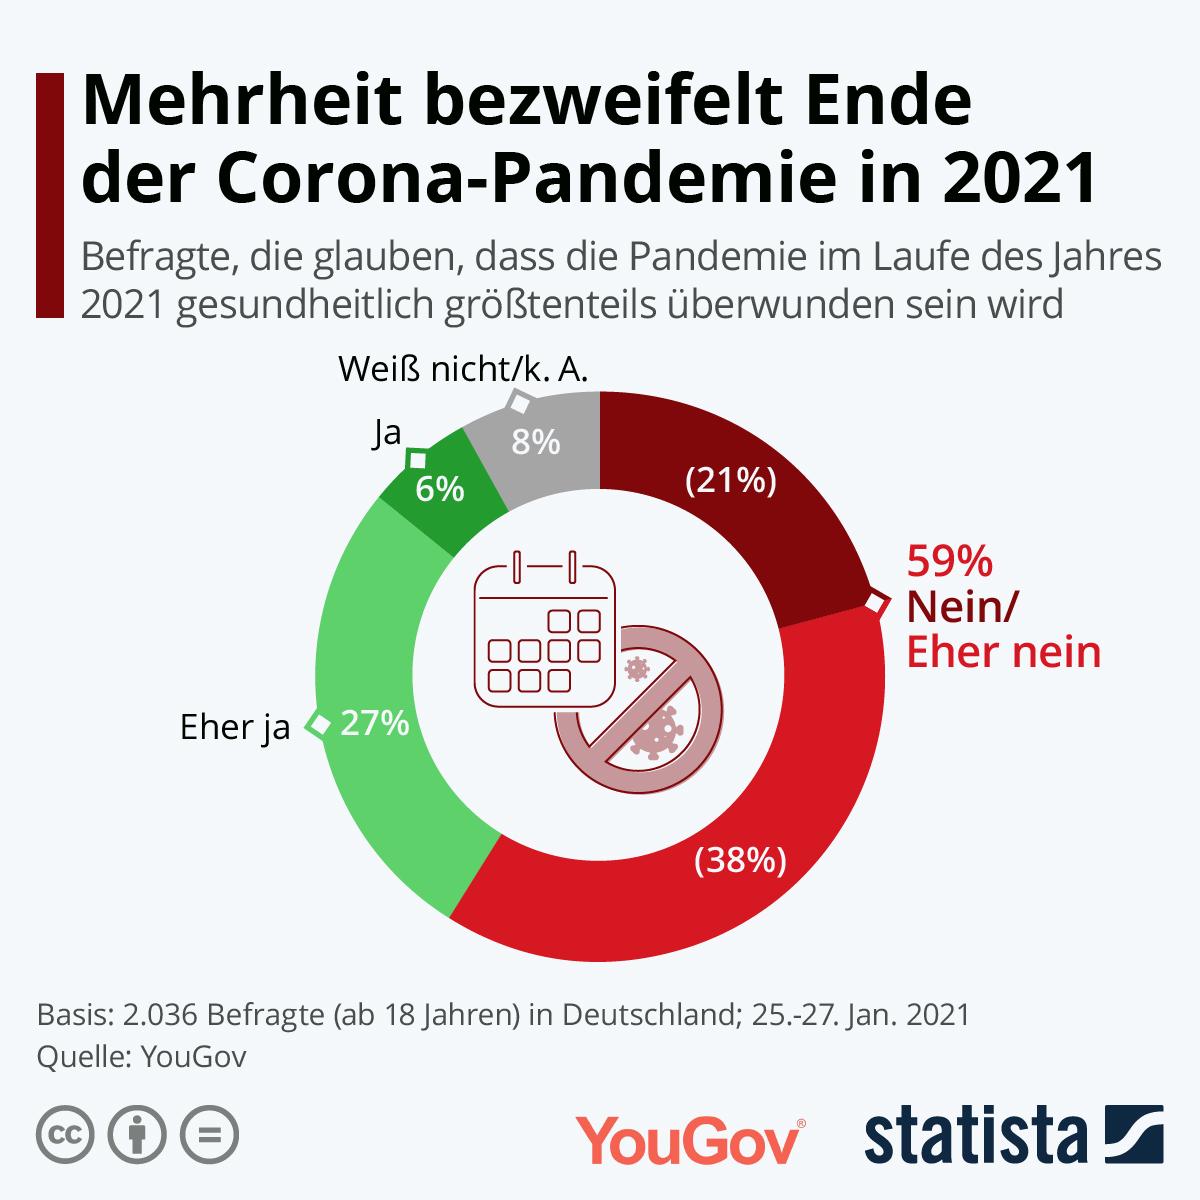 Mehrheit bezweifelt Ende der Pandemie in 2021